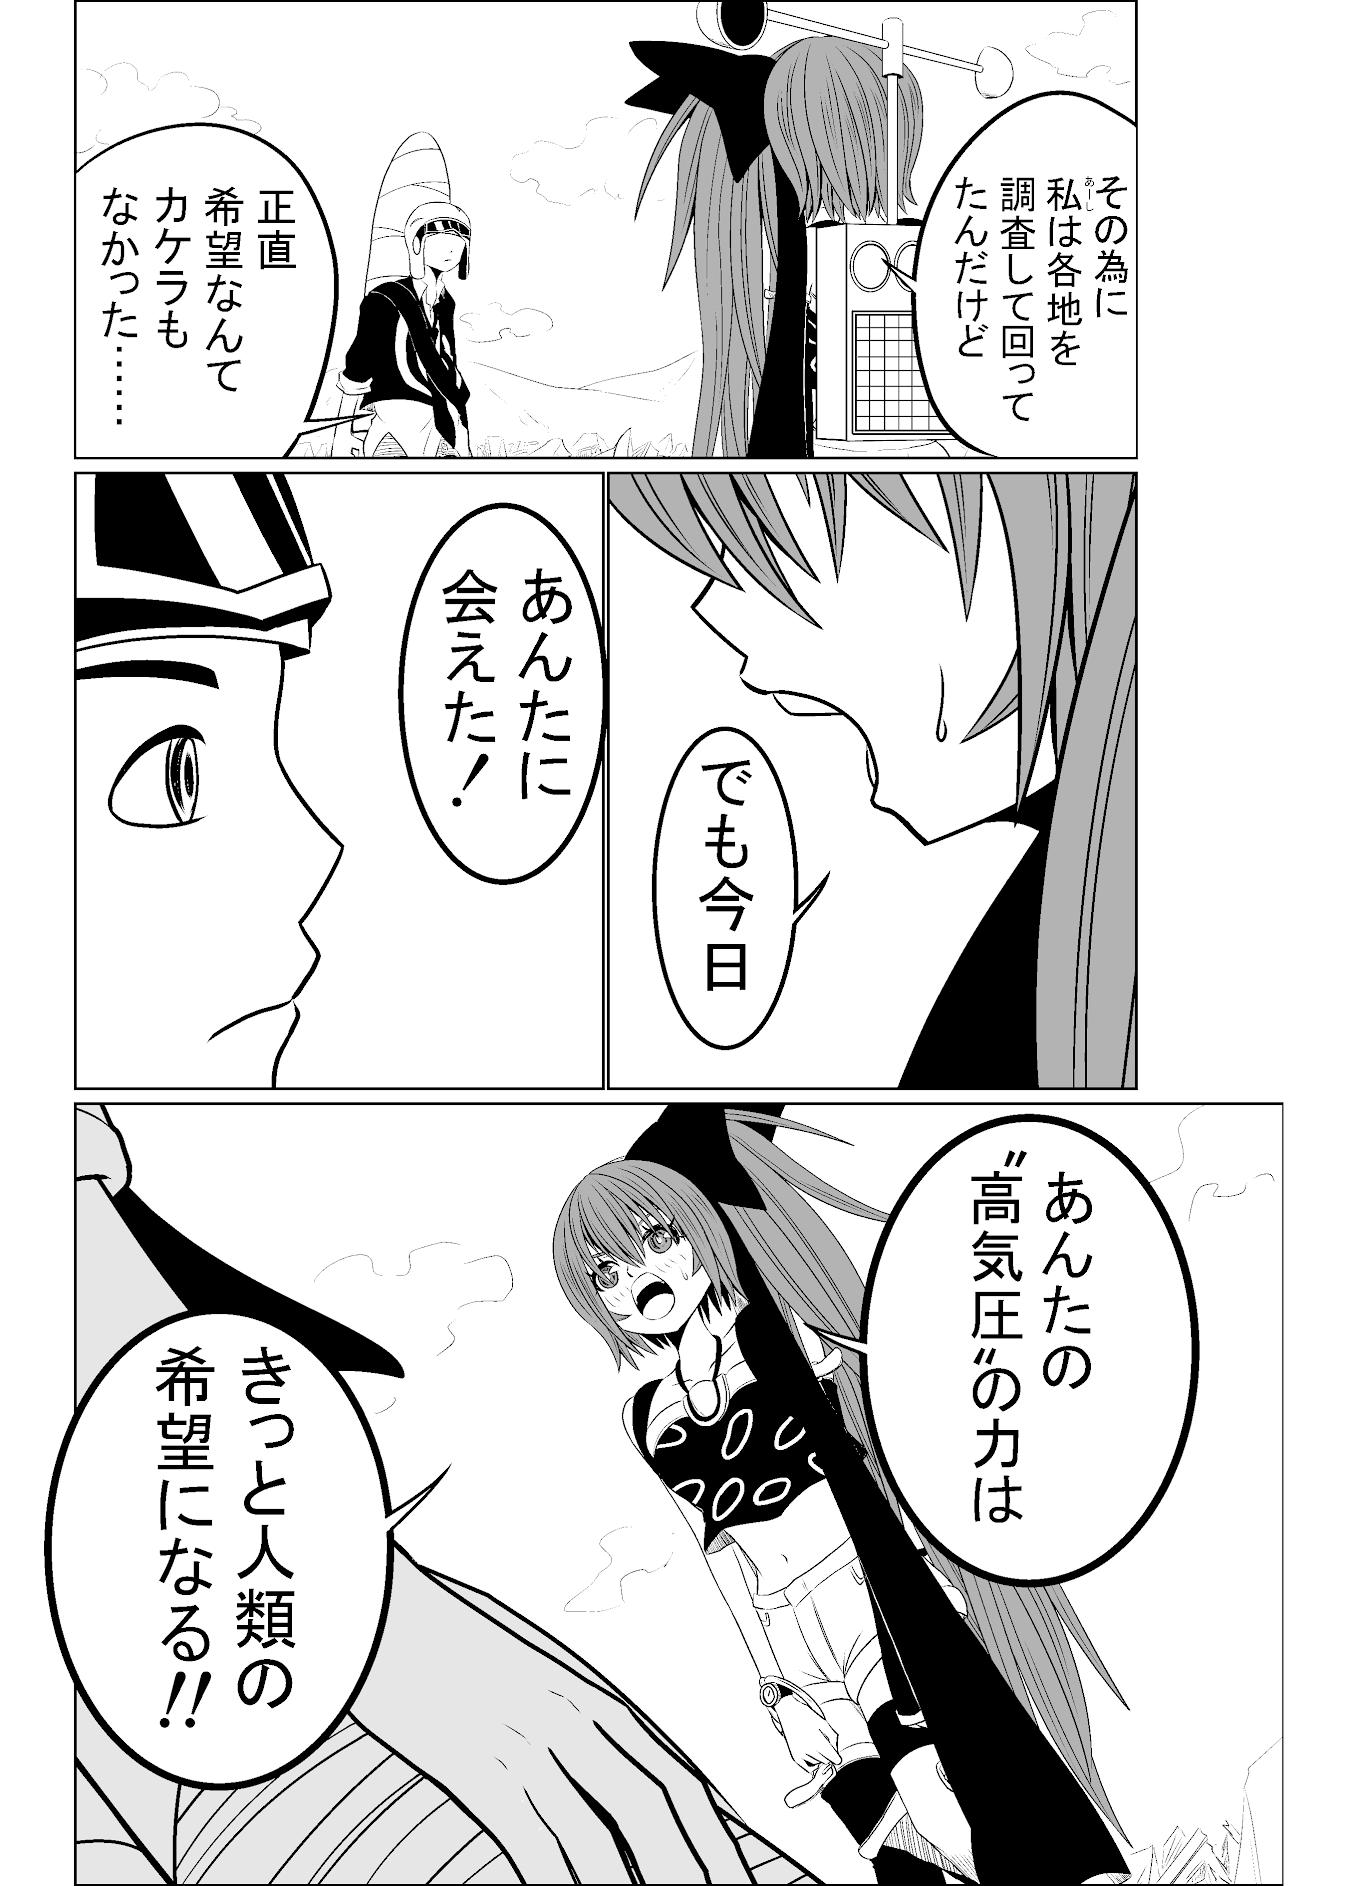 バリアス・サン5_14(2倍サイズ)